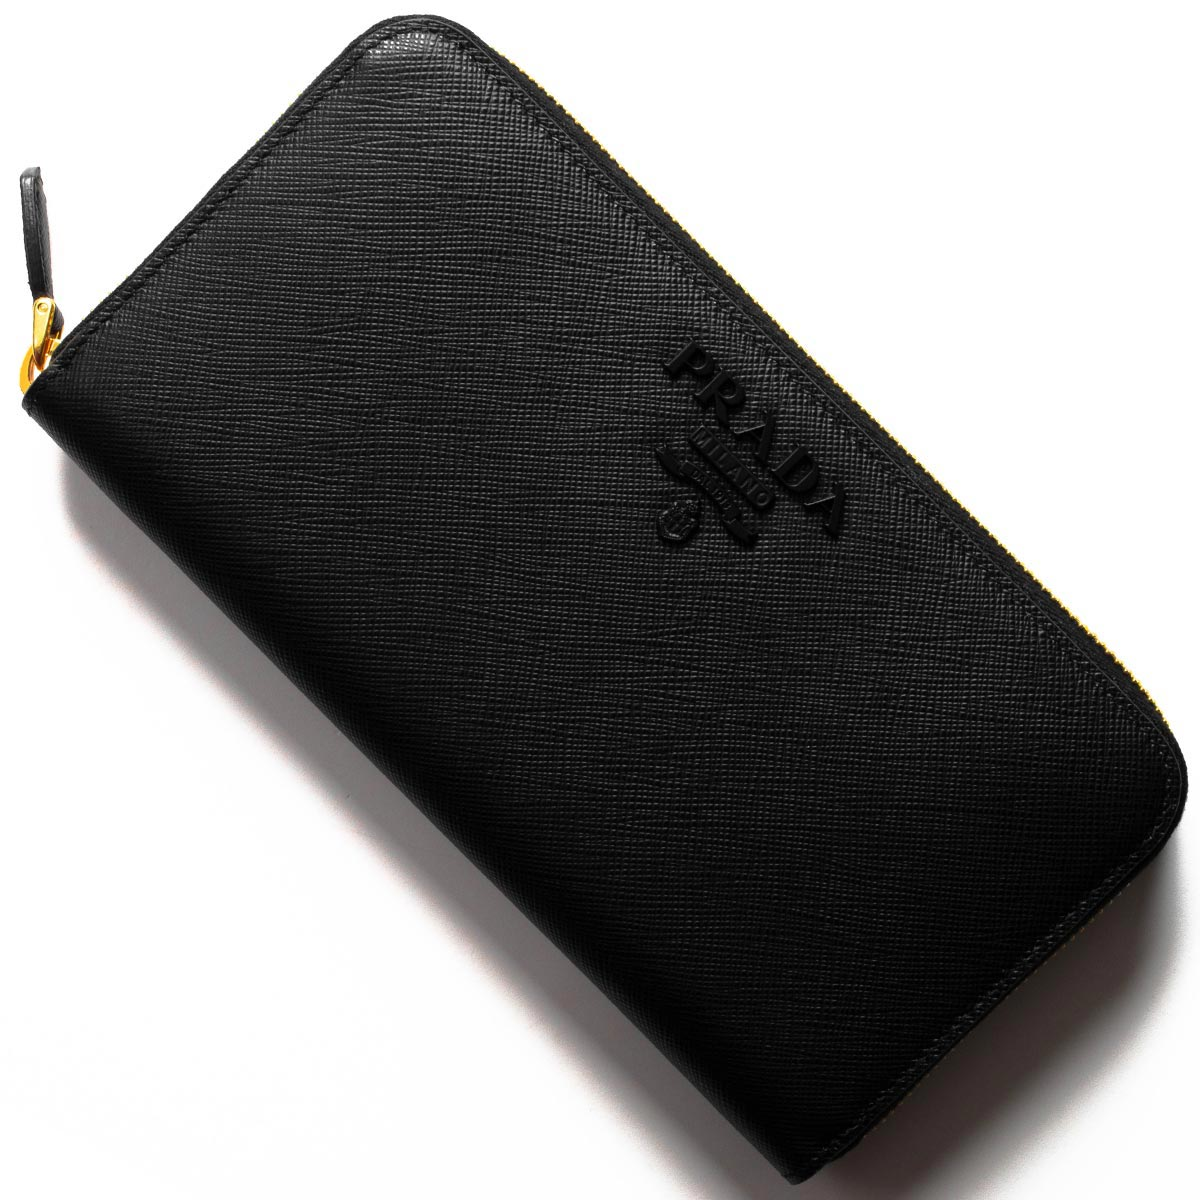 プラダ 長財布 財布 レディース サフィアーノ シャイン ブラック 1ML506 2EBW F0002 PRADA